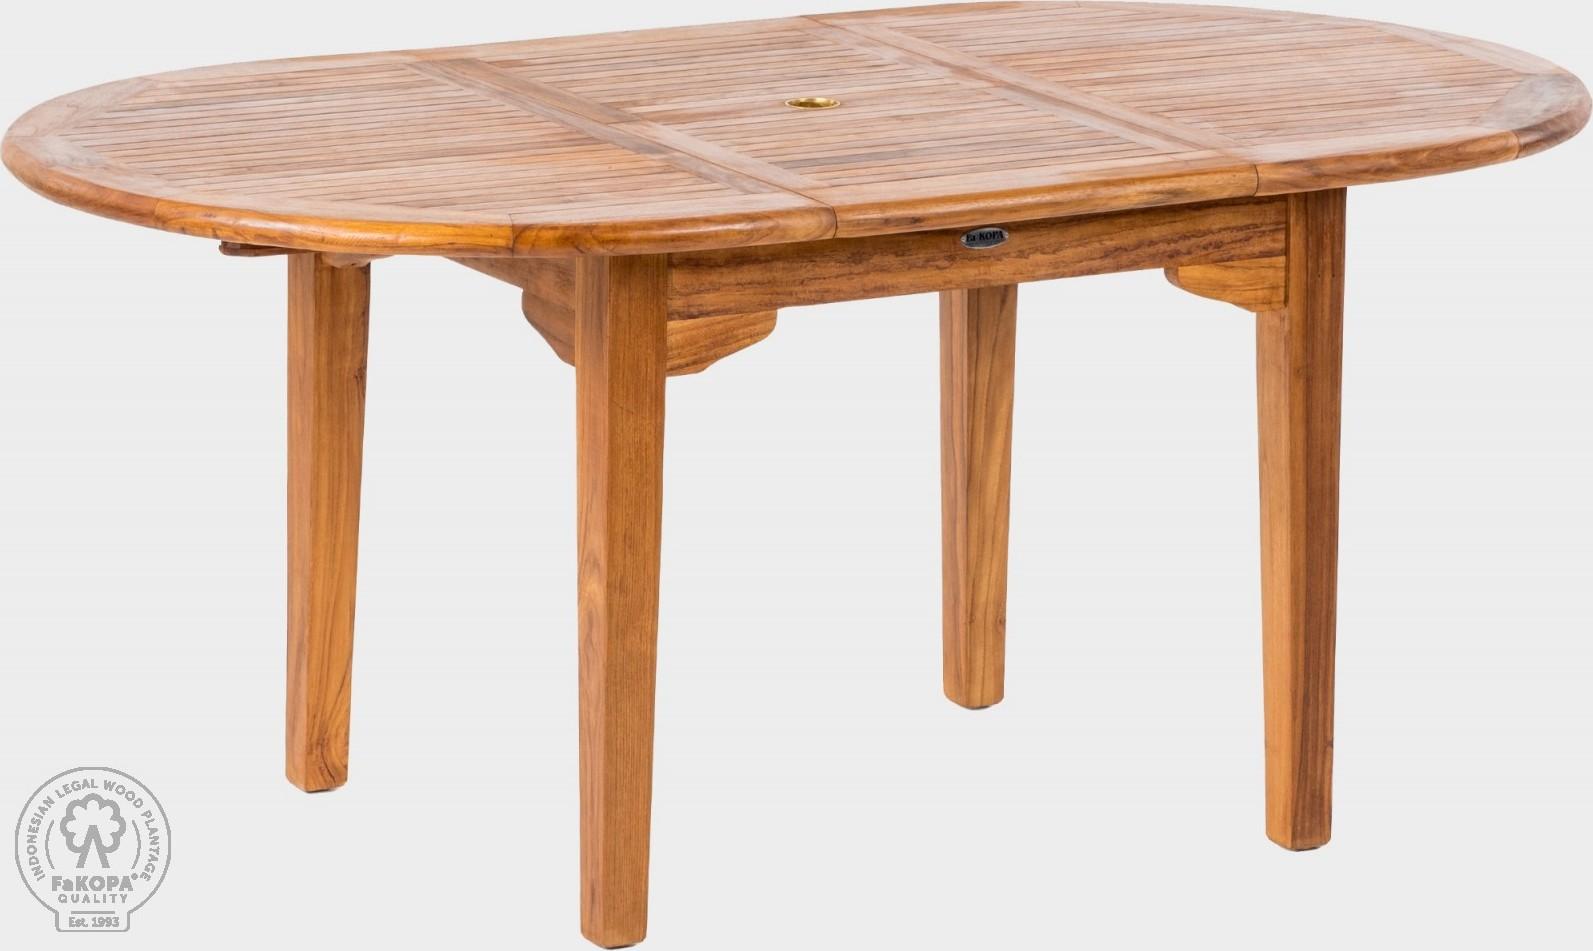 FaKOPA Oválný jídelní stůl z masivního dřeva pro venkovní použítí Chantelle